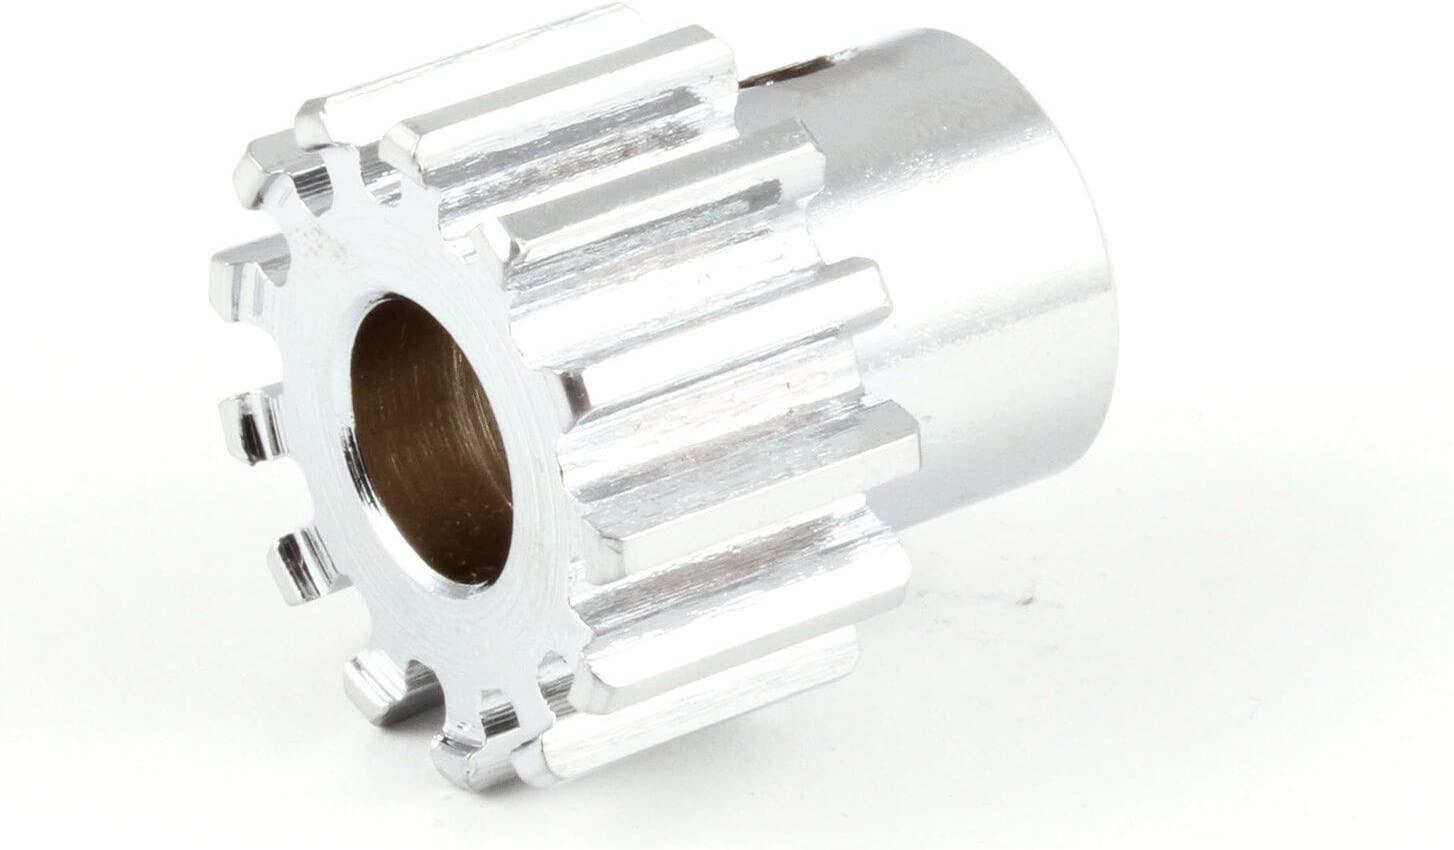 Apw Wyott 85033 13 Tooth 3/8 Bore Gear